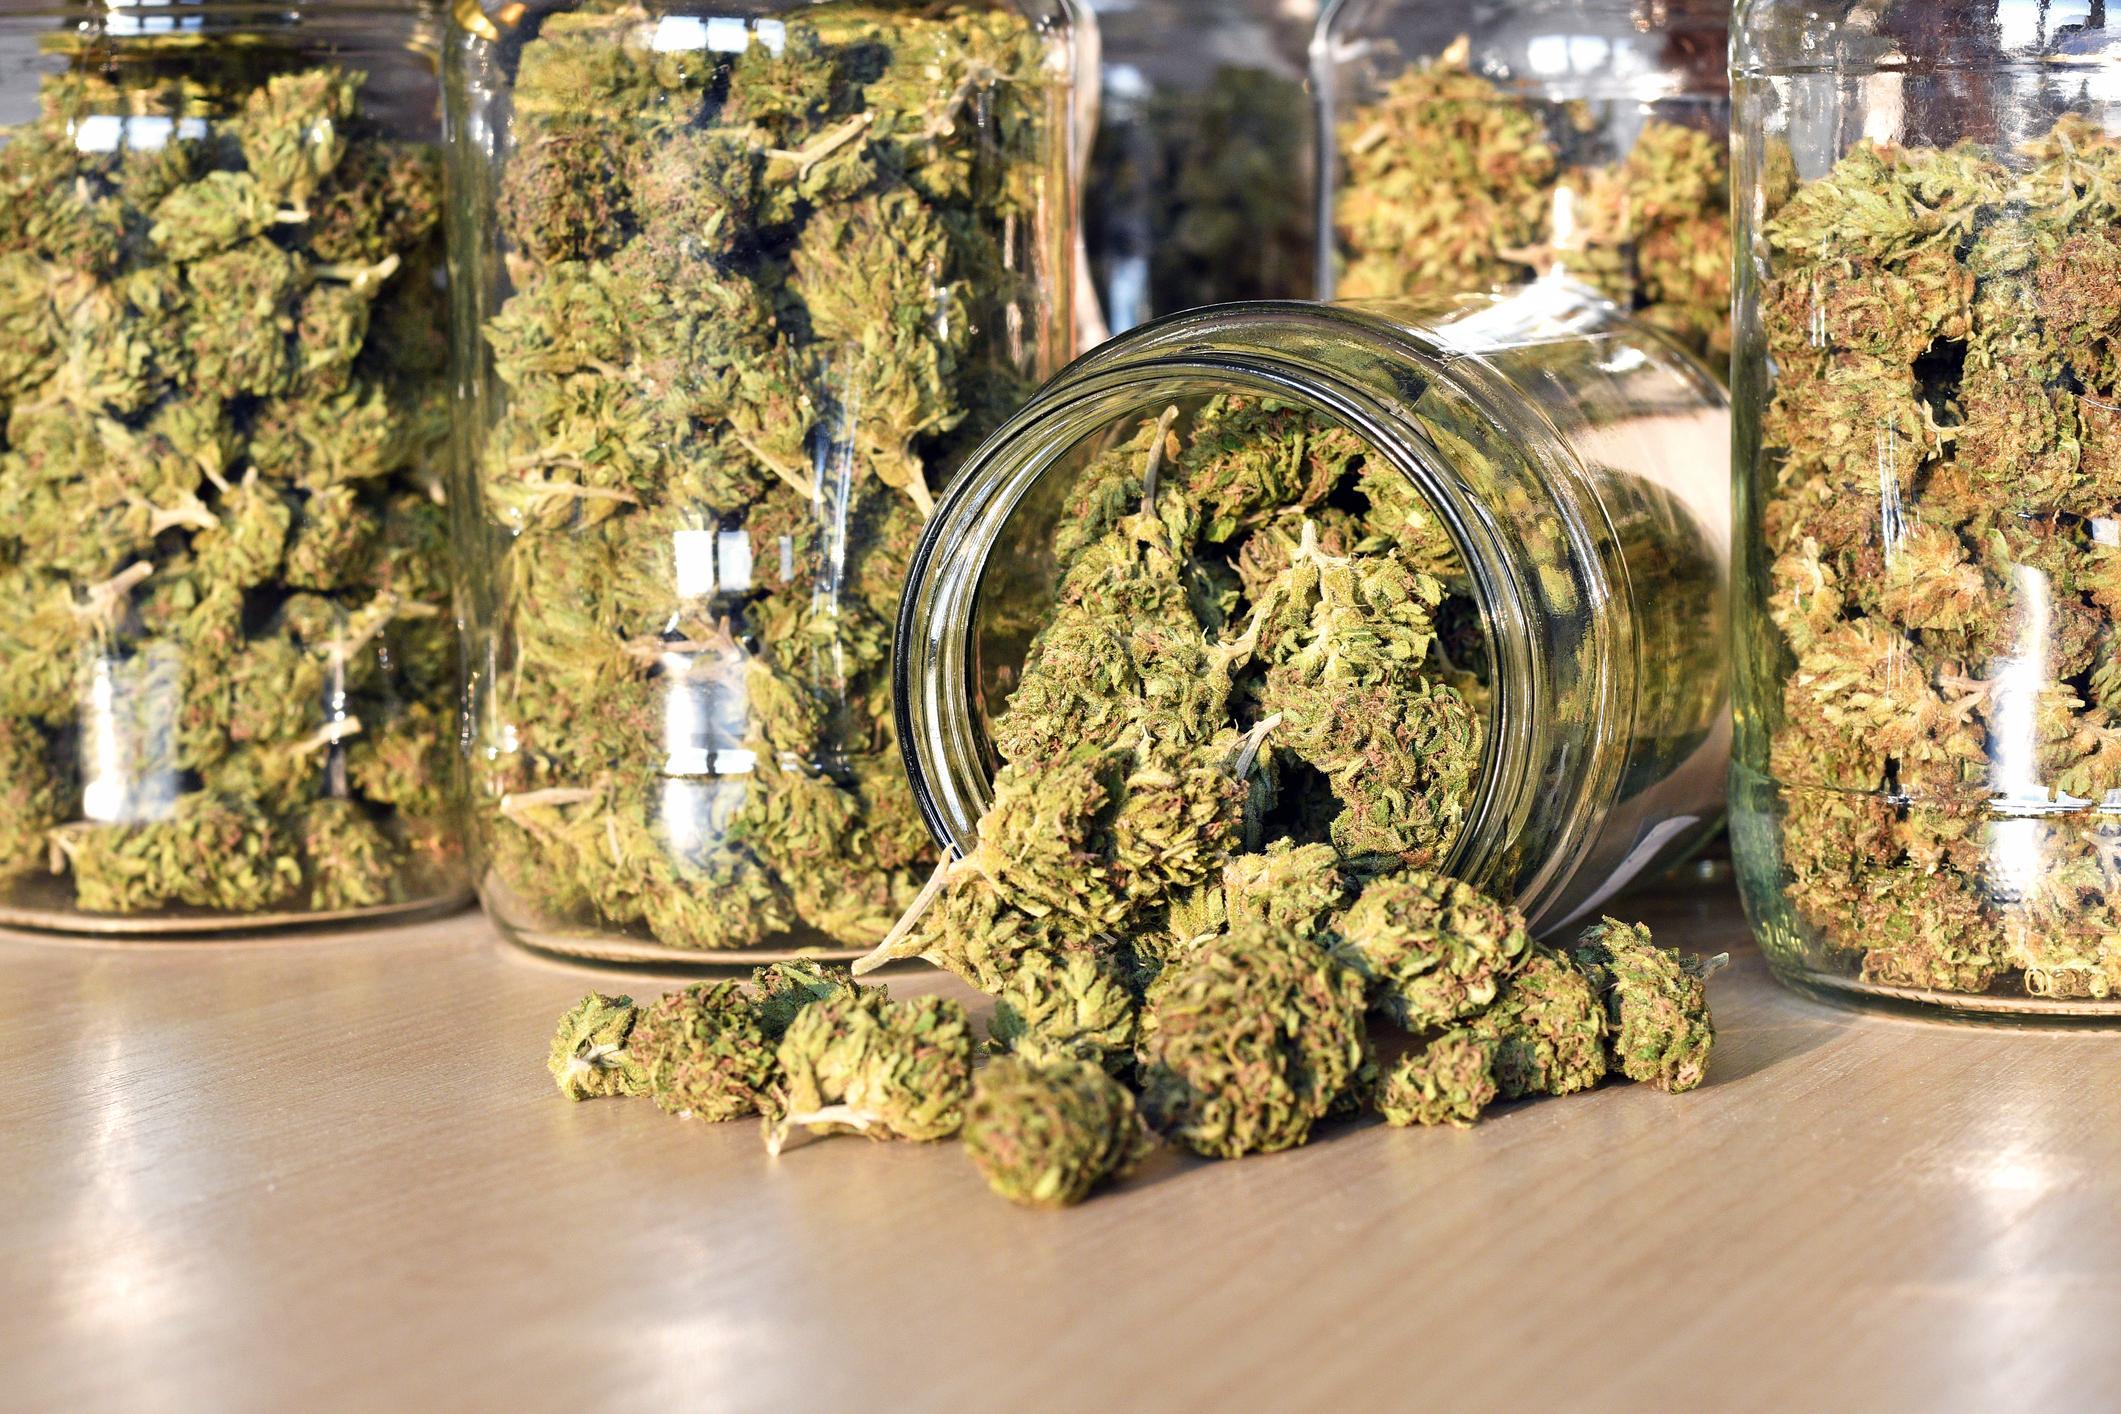 A jar of marijuana tipped over next to other jars of marijuana